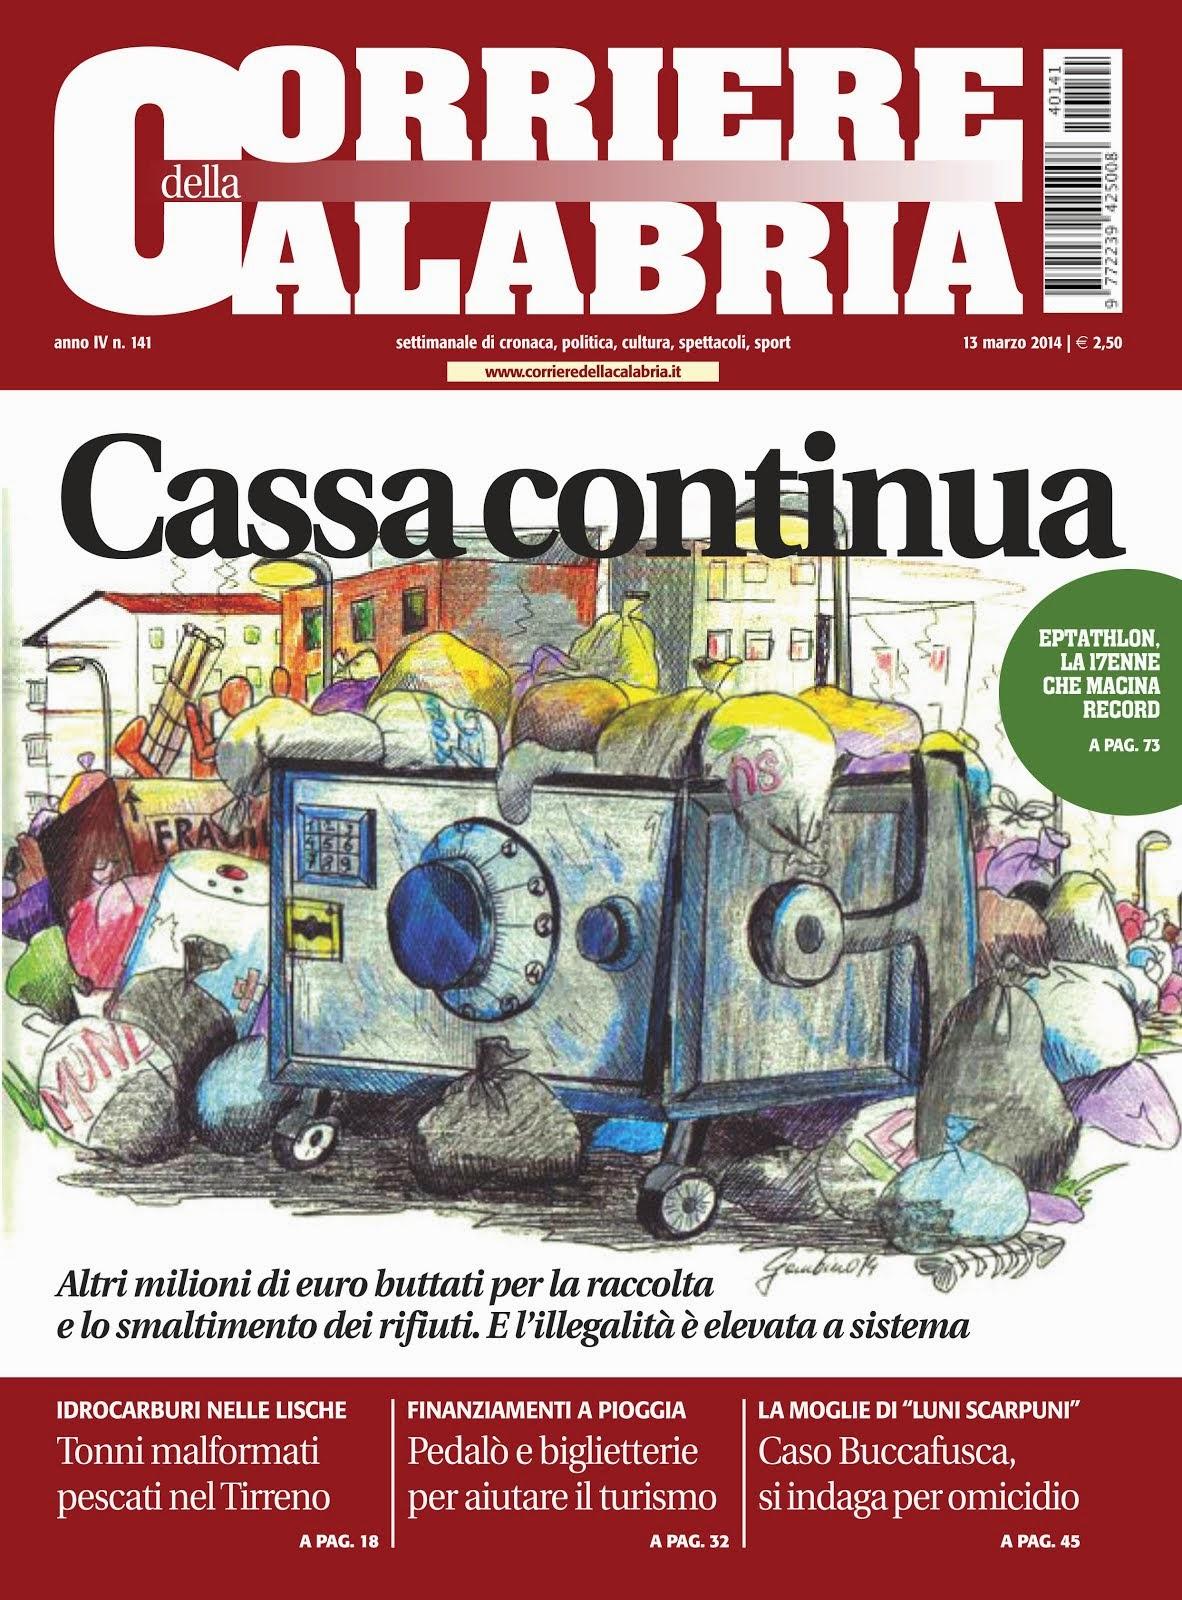 CORRIERE DELLA CALABRIA